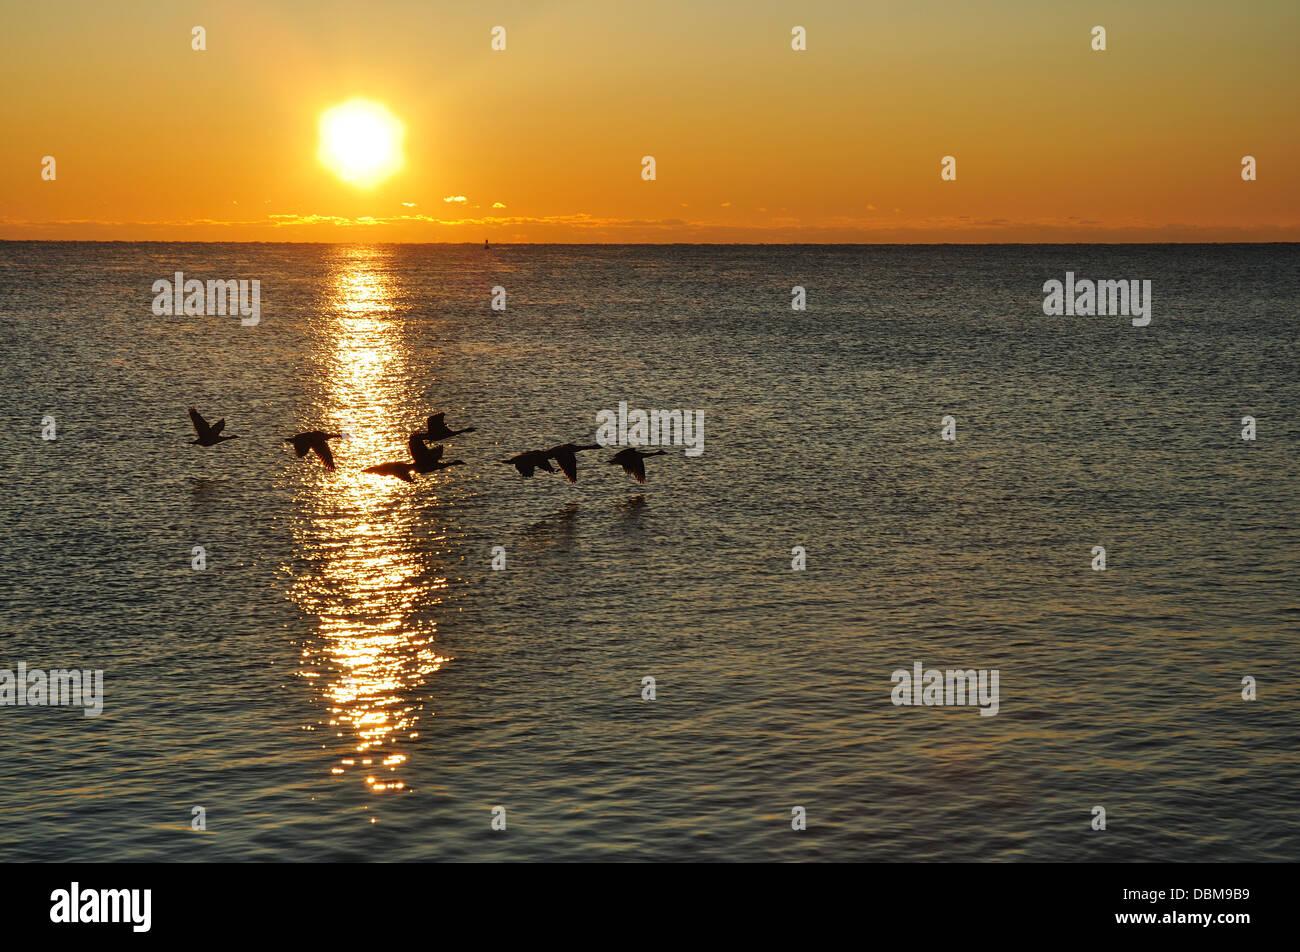 Siluetas de una bandada de gansos canadienses migrando al amanecer. Imagen De Stock